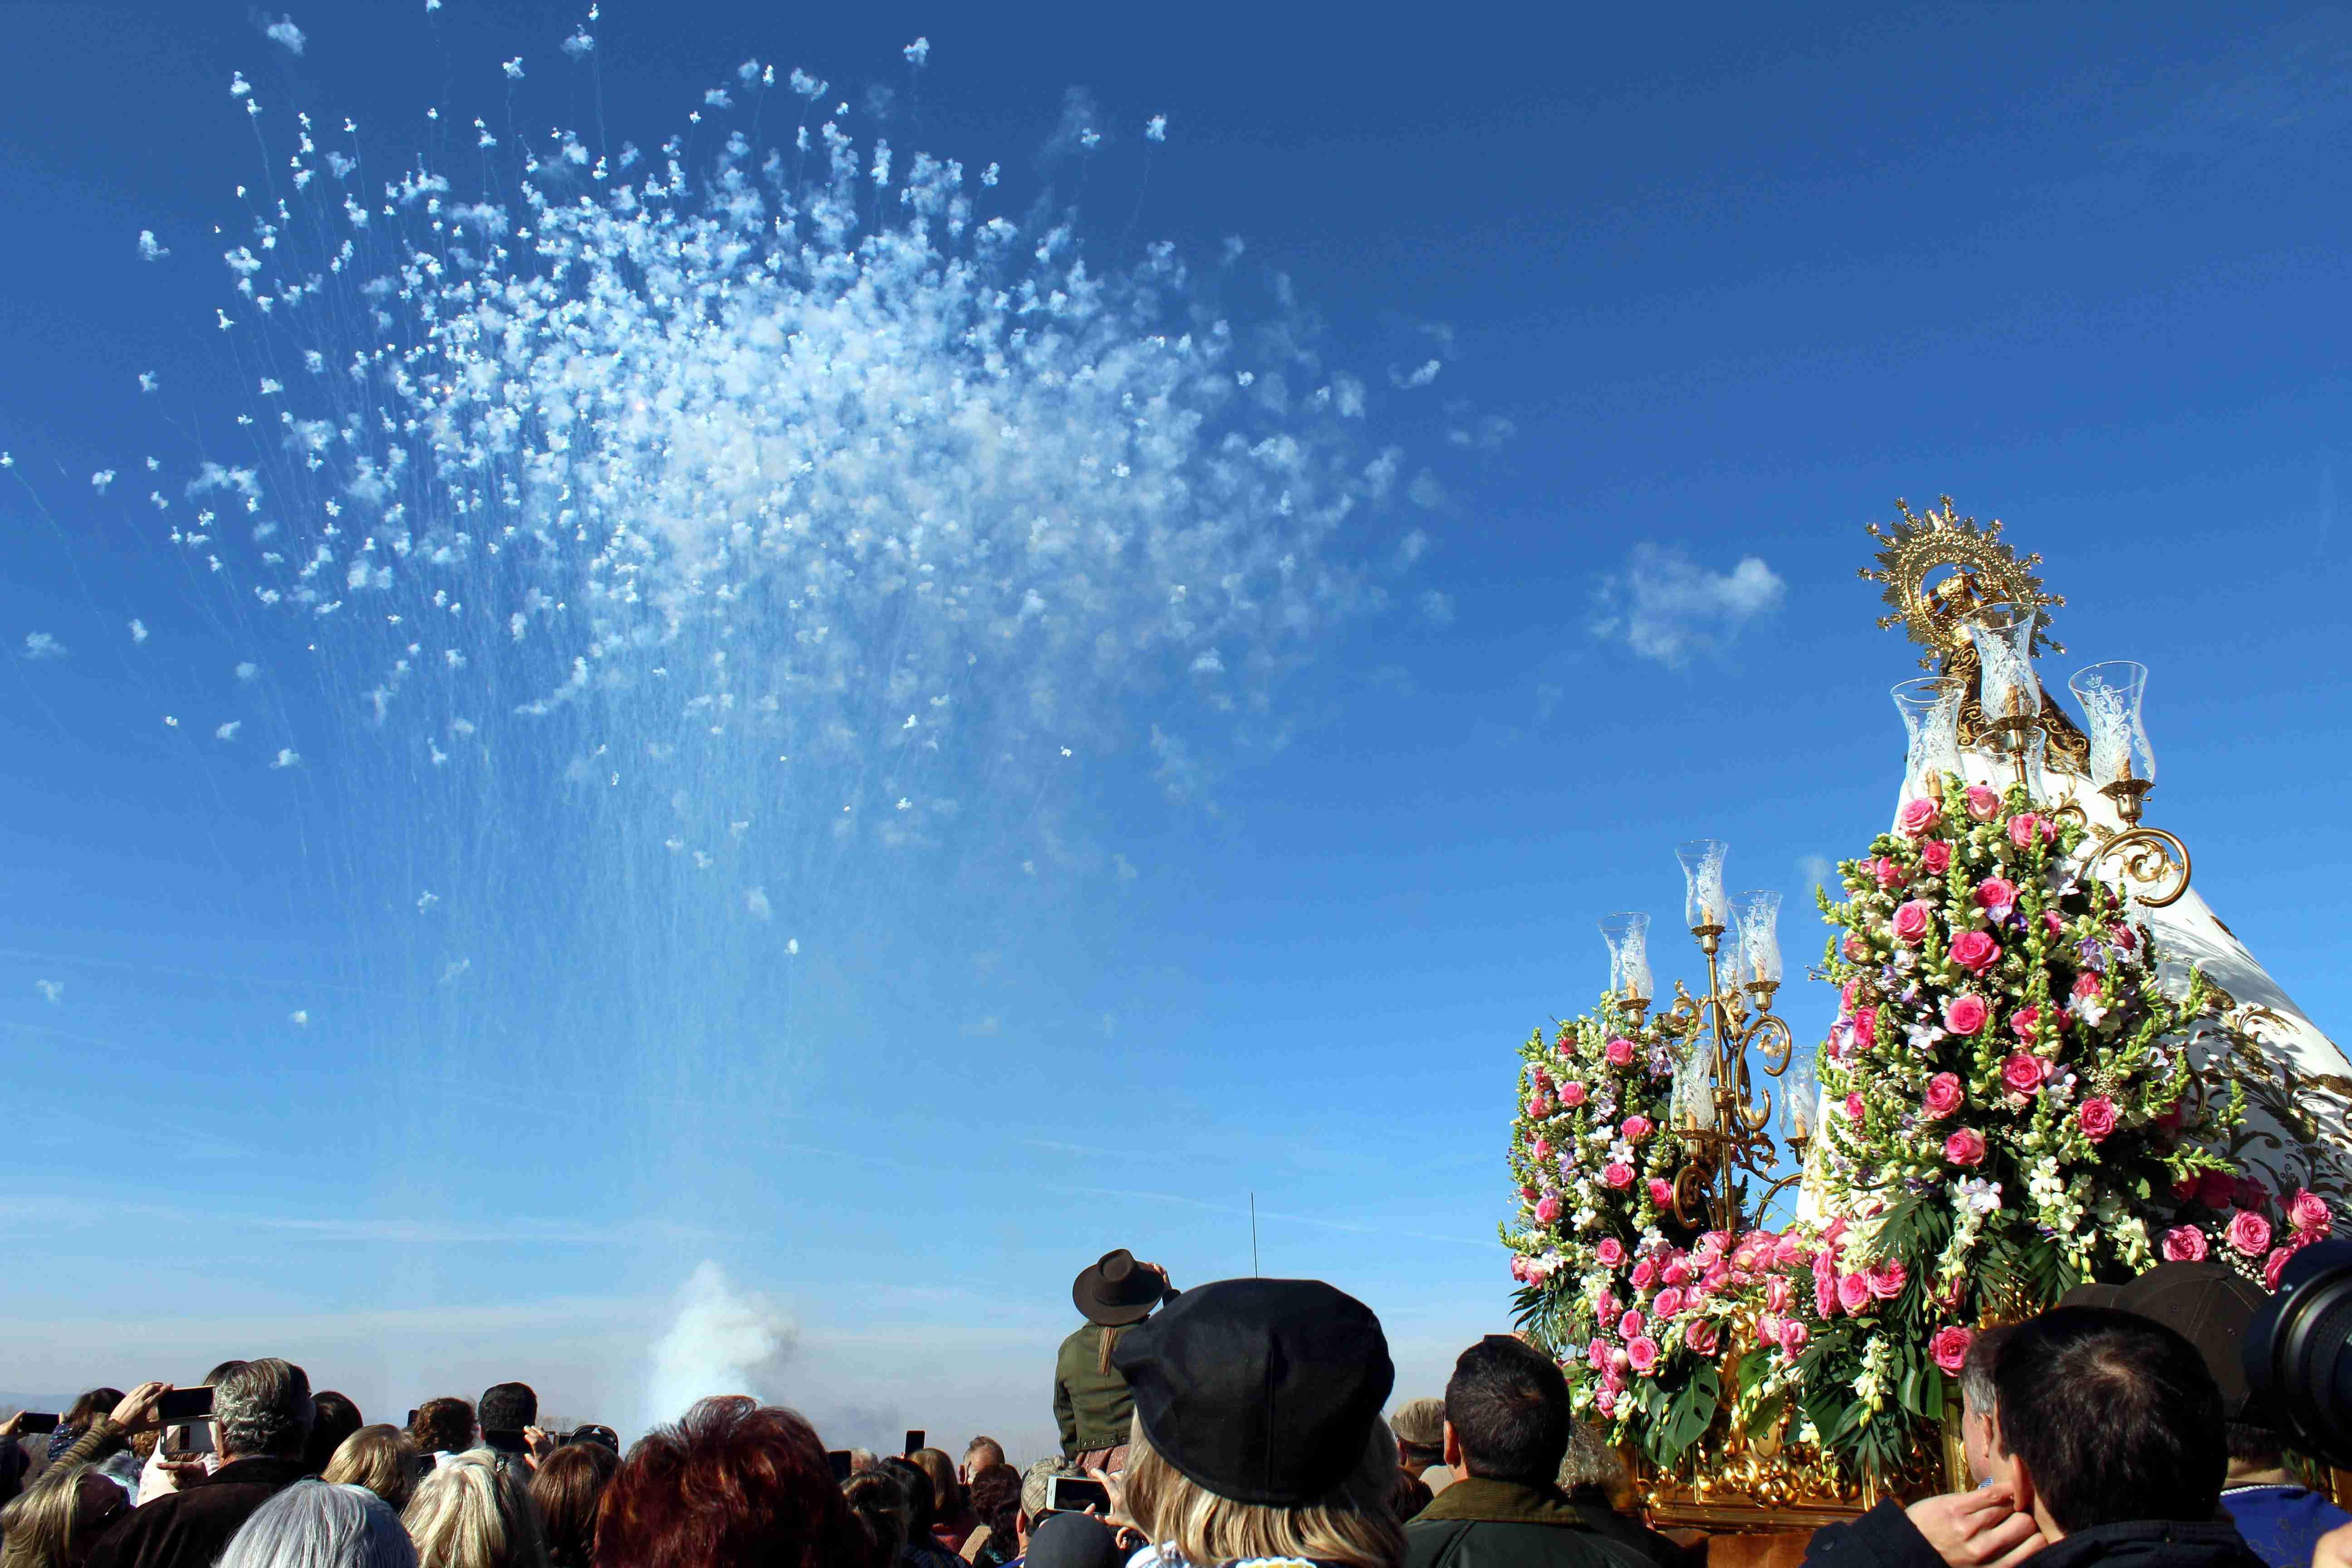 Villarta de San Juan abrió el plazo para la elección del cartel anunciador para Las Paces 2020, Fiestas de Interés Turístico Regional 2